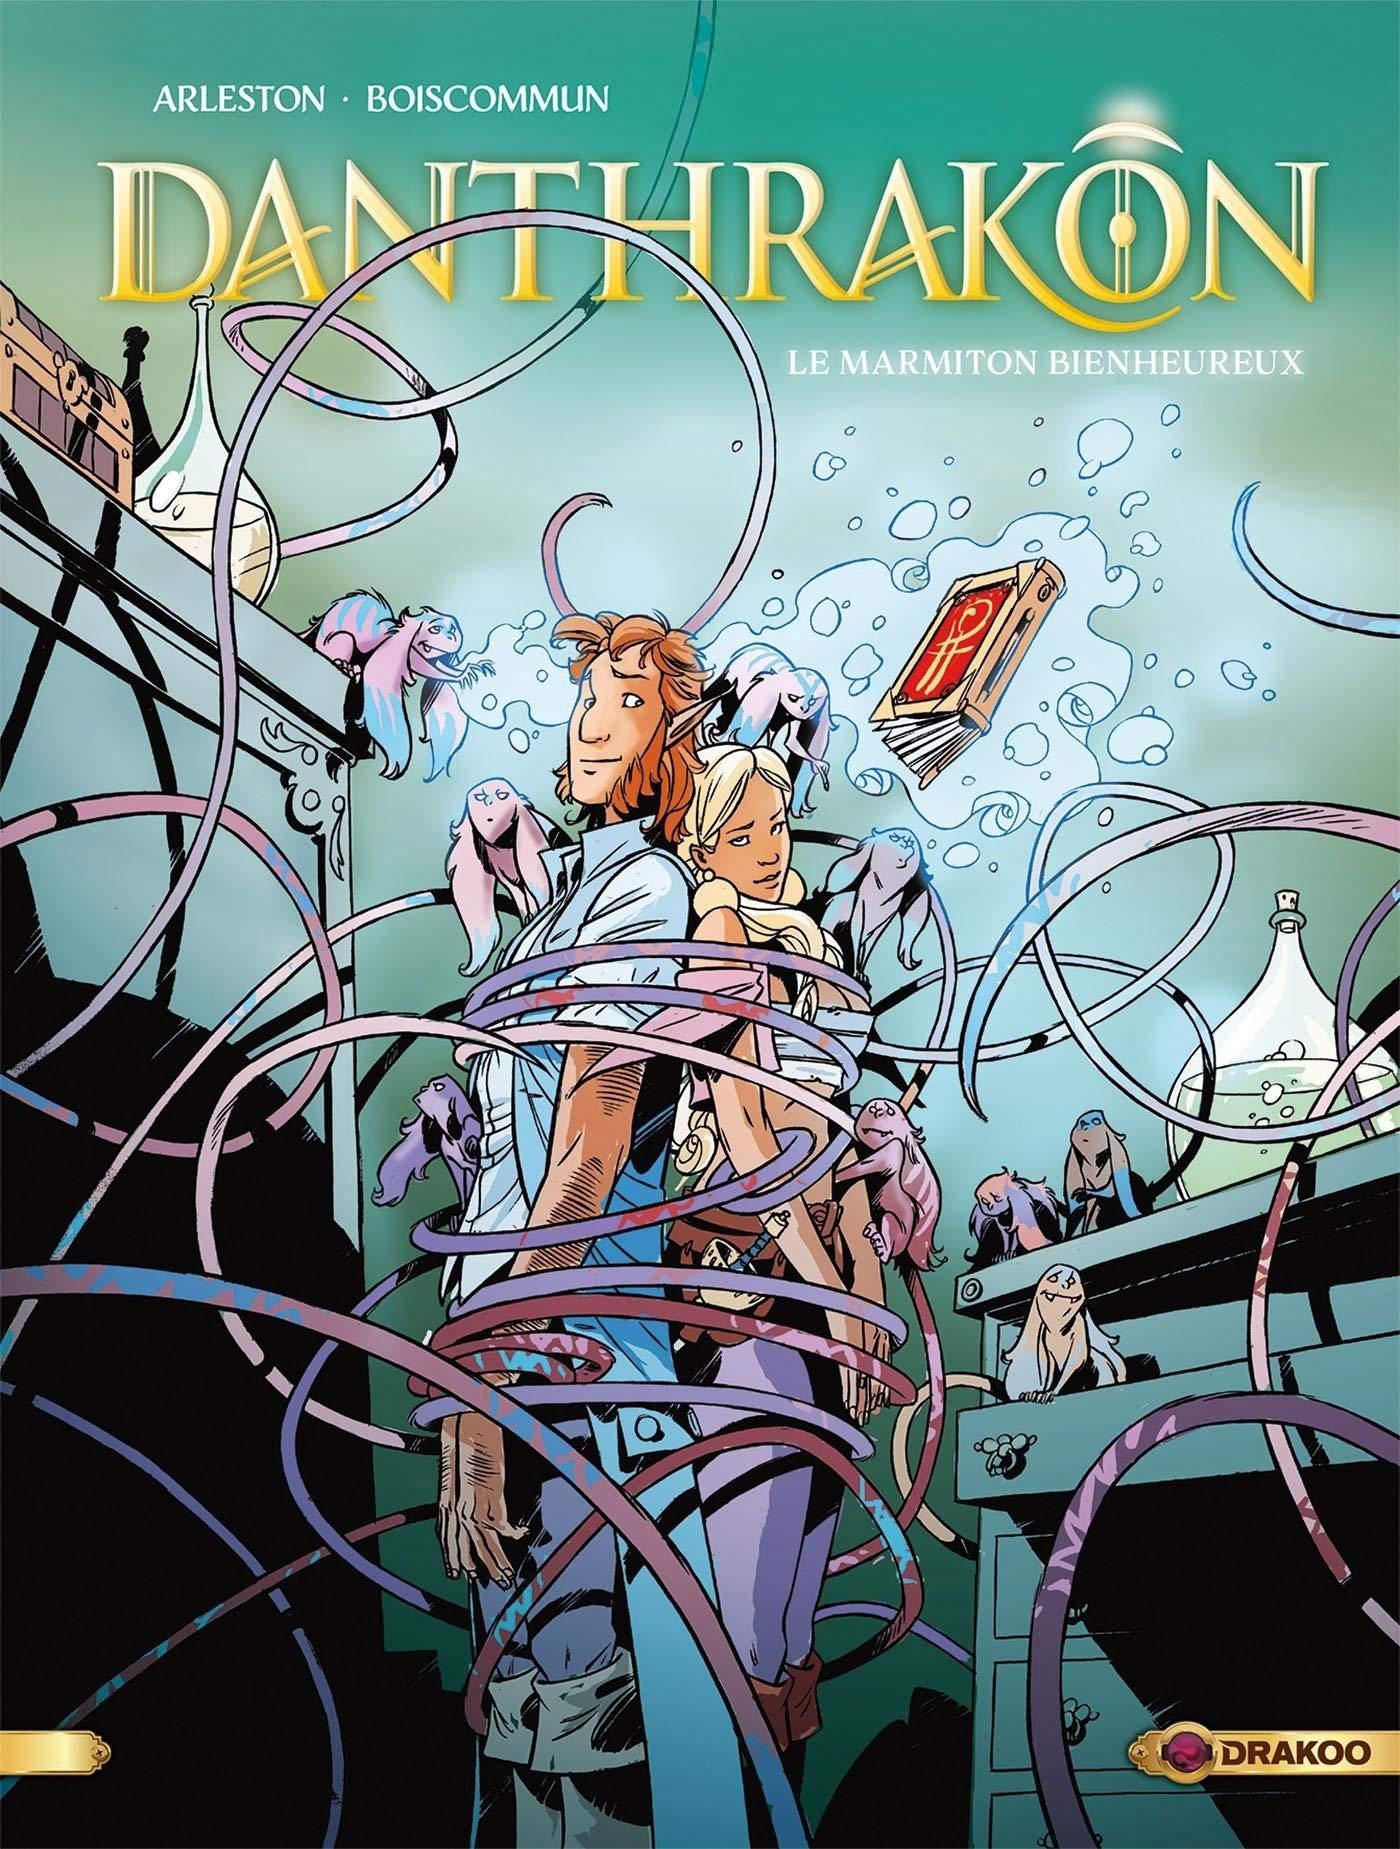 Danthrakon 3 - Le marmiton bienheureux